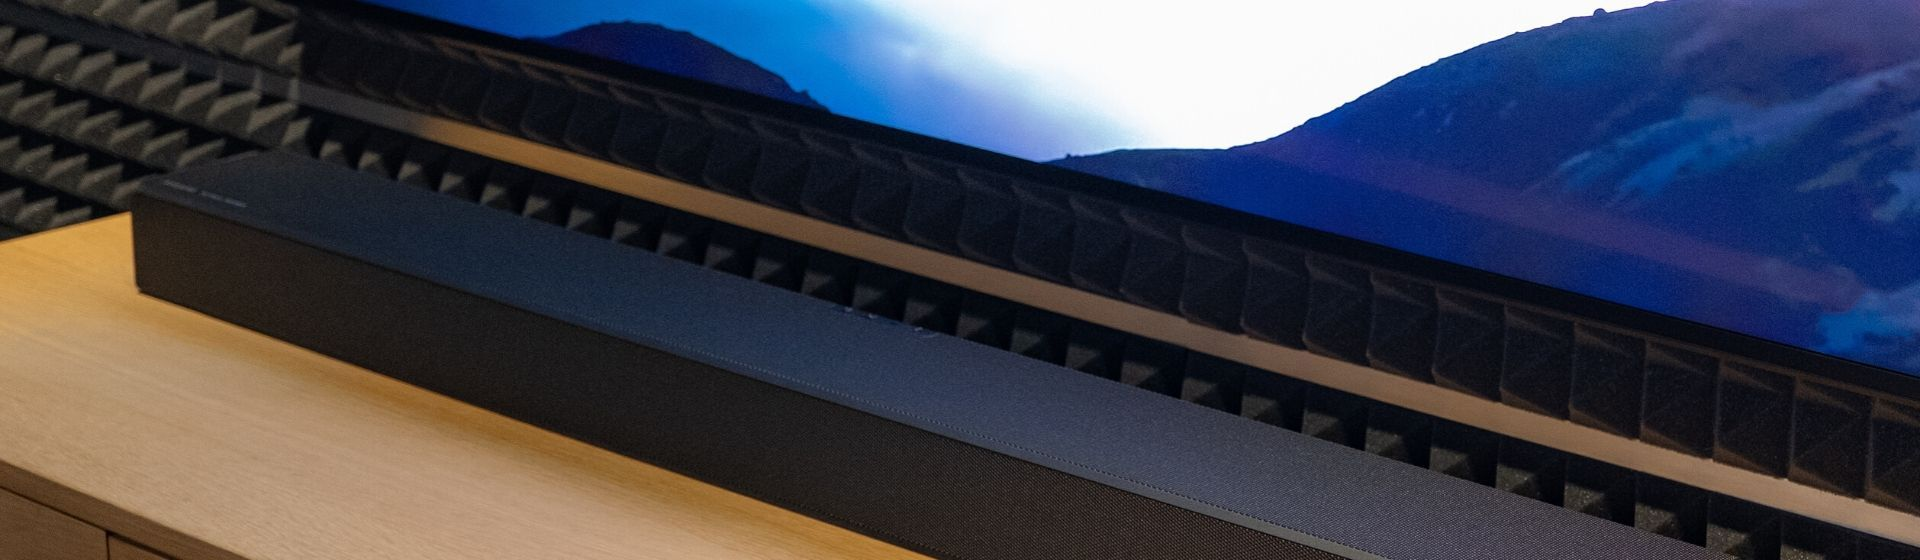 Melhor Soundbar 2020: modelo da JBL lidera a nossa lista!